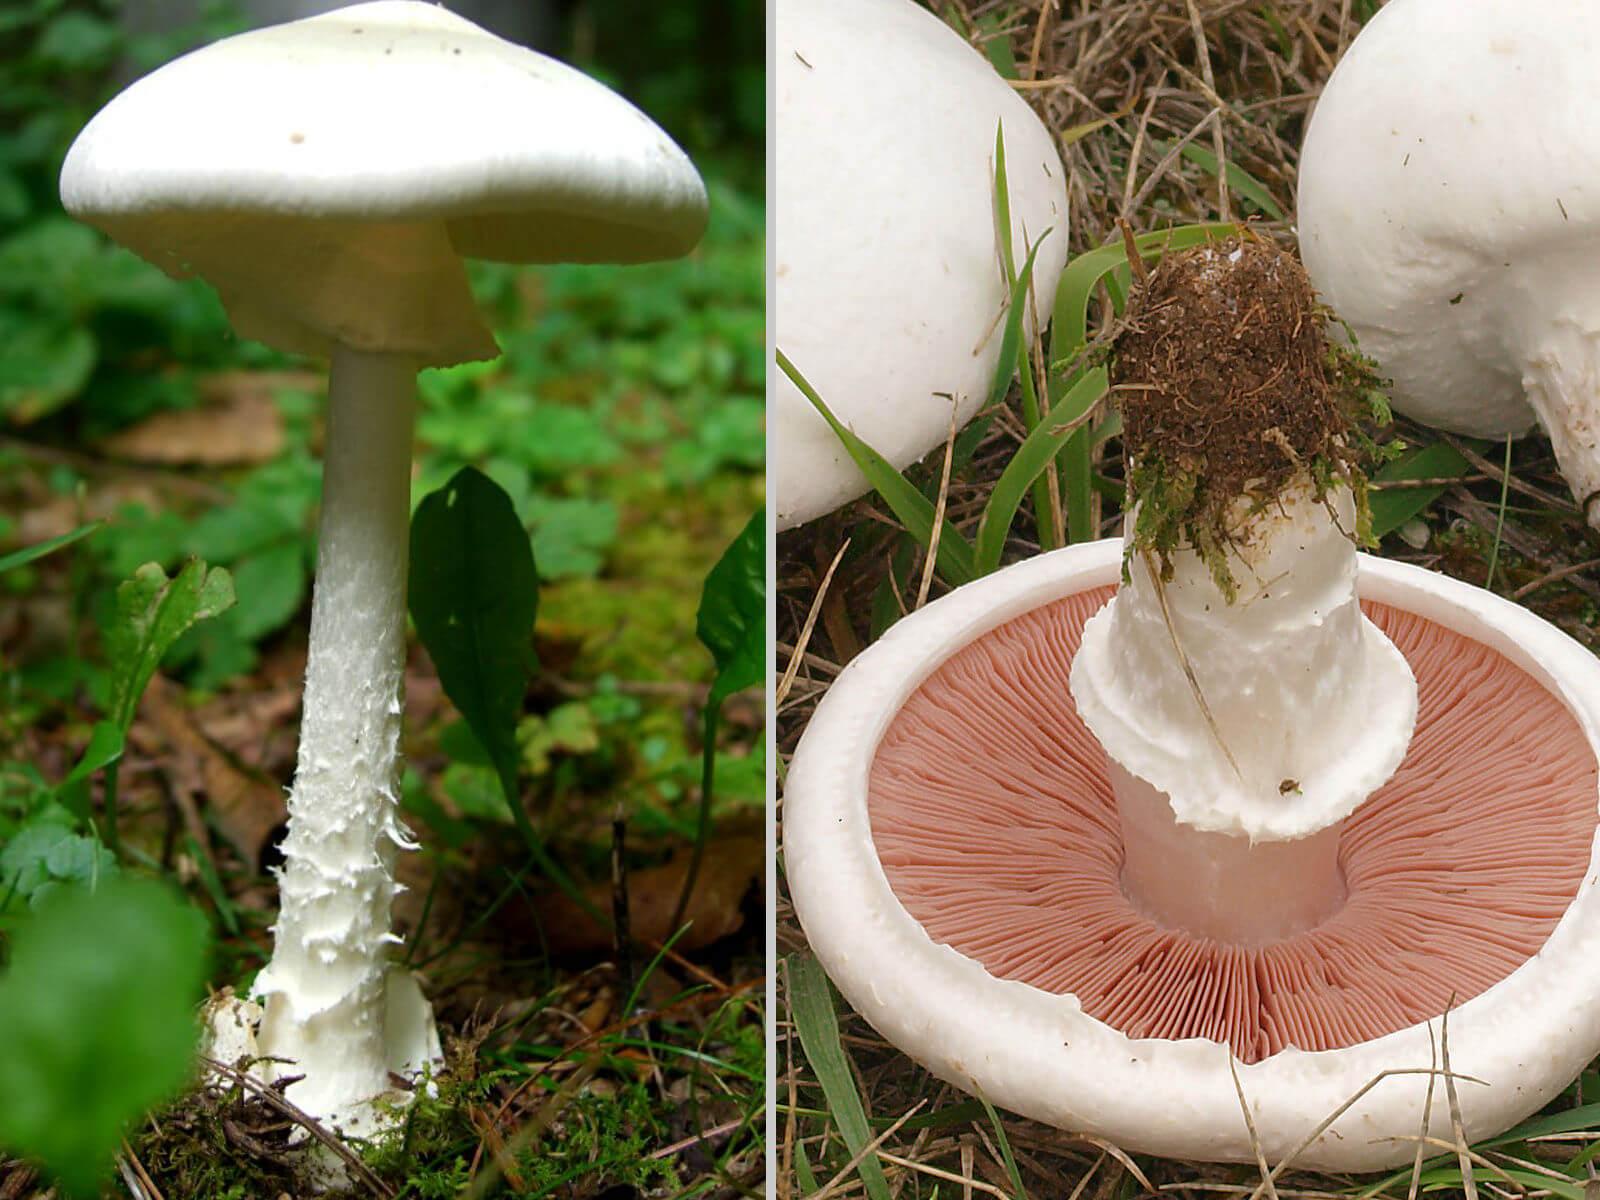 snehvid fluesvamp champignon forveksling